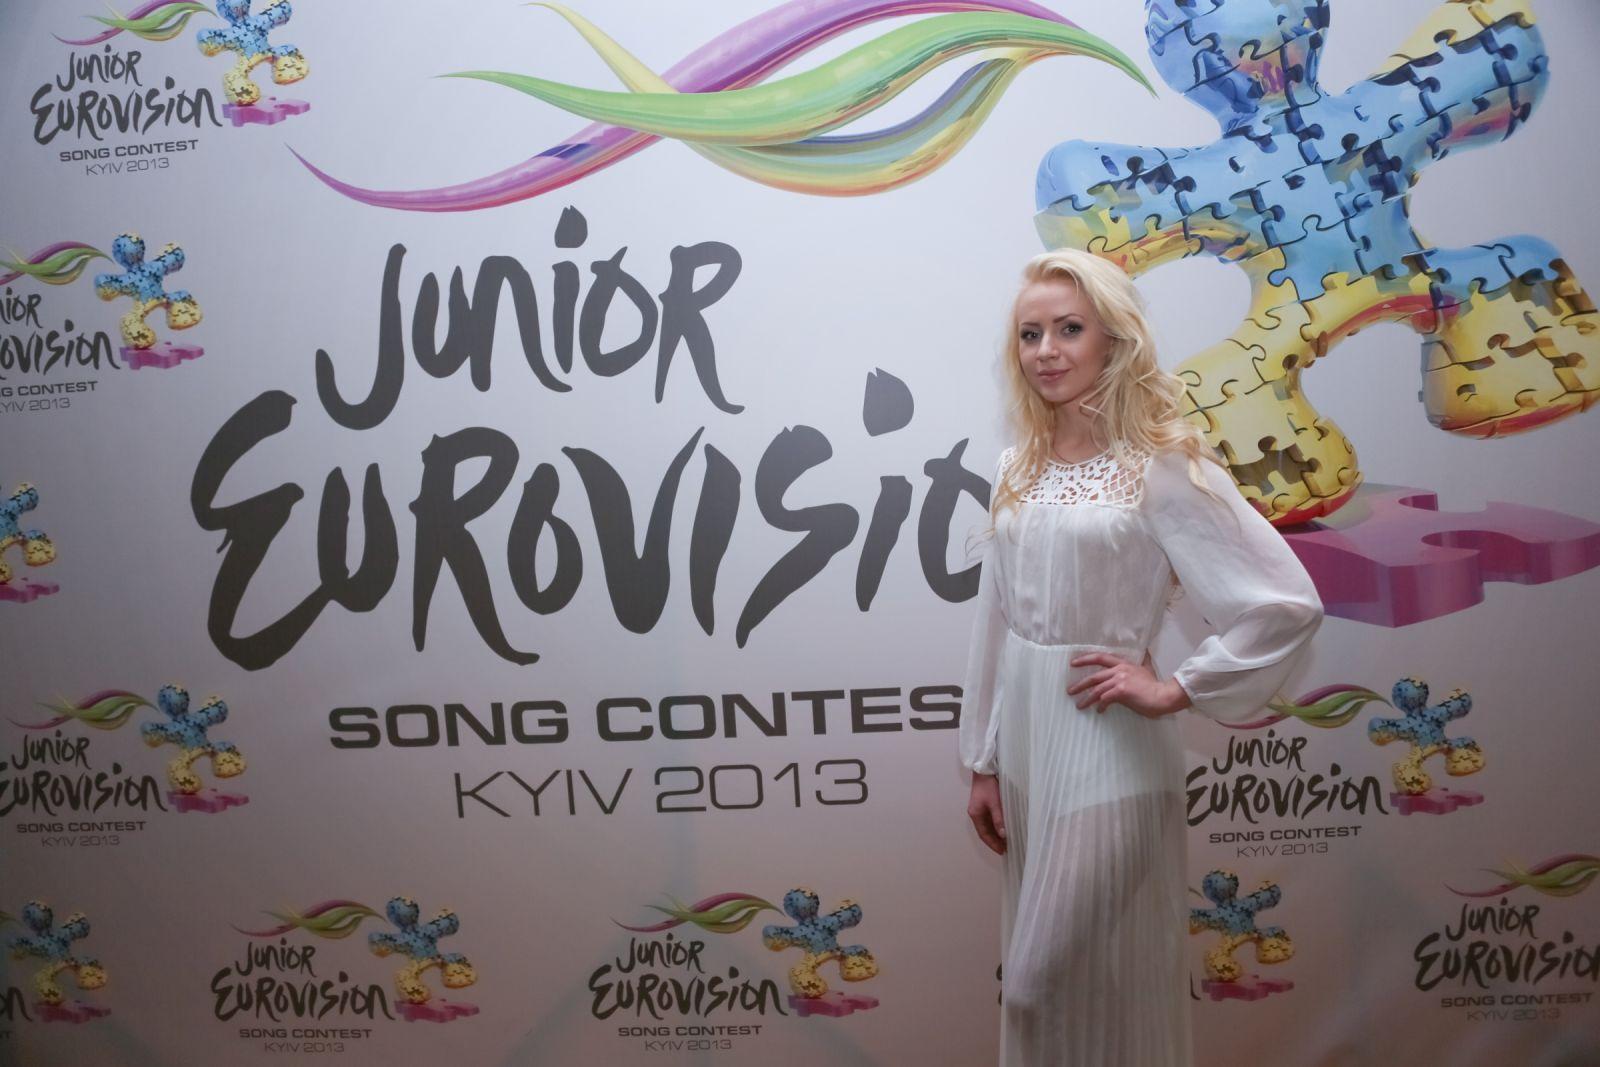 Анна Ходоровская голос страны 3 евровидение 2014 фото